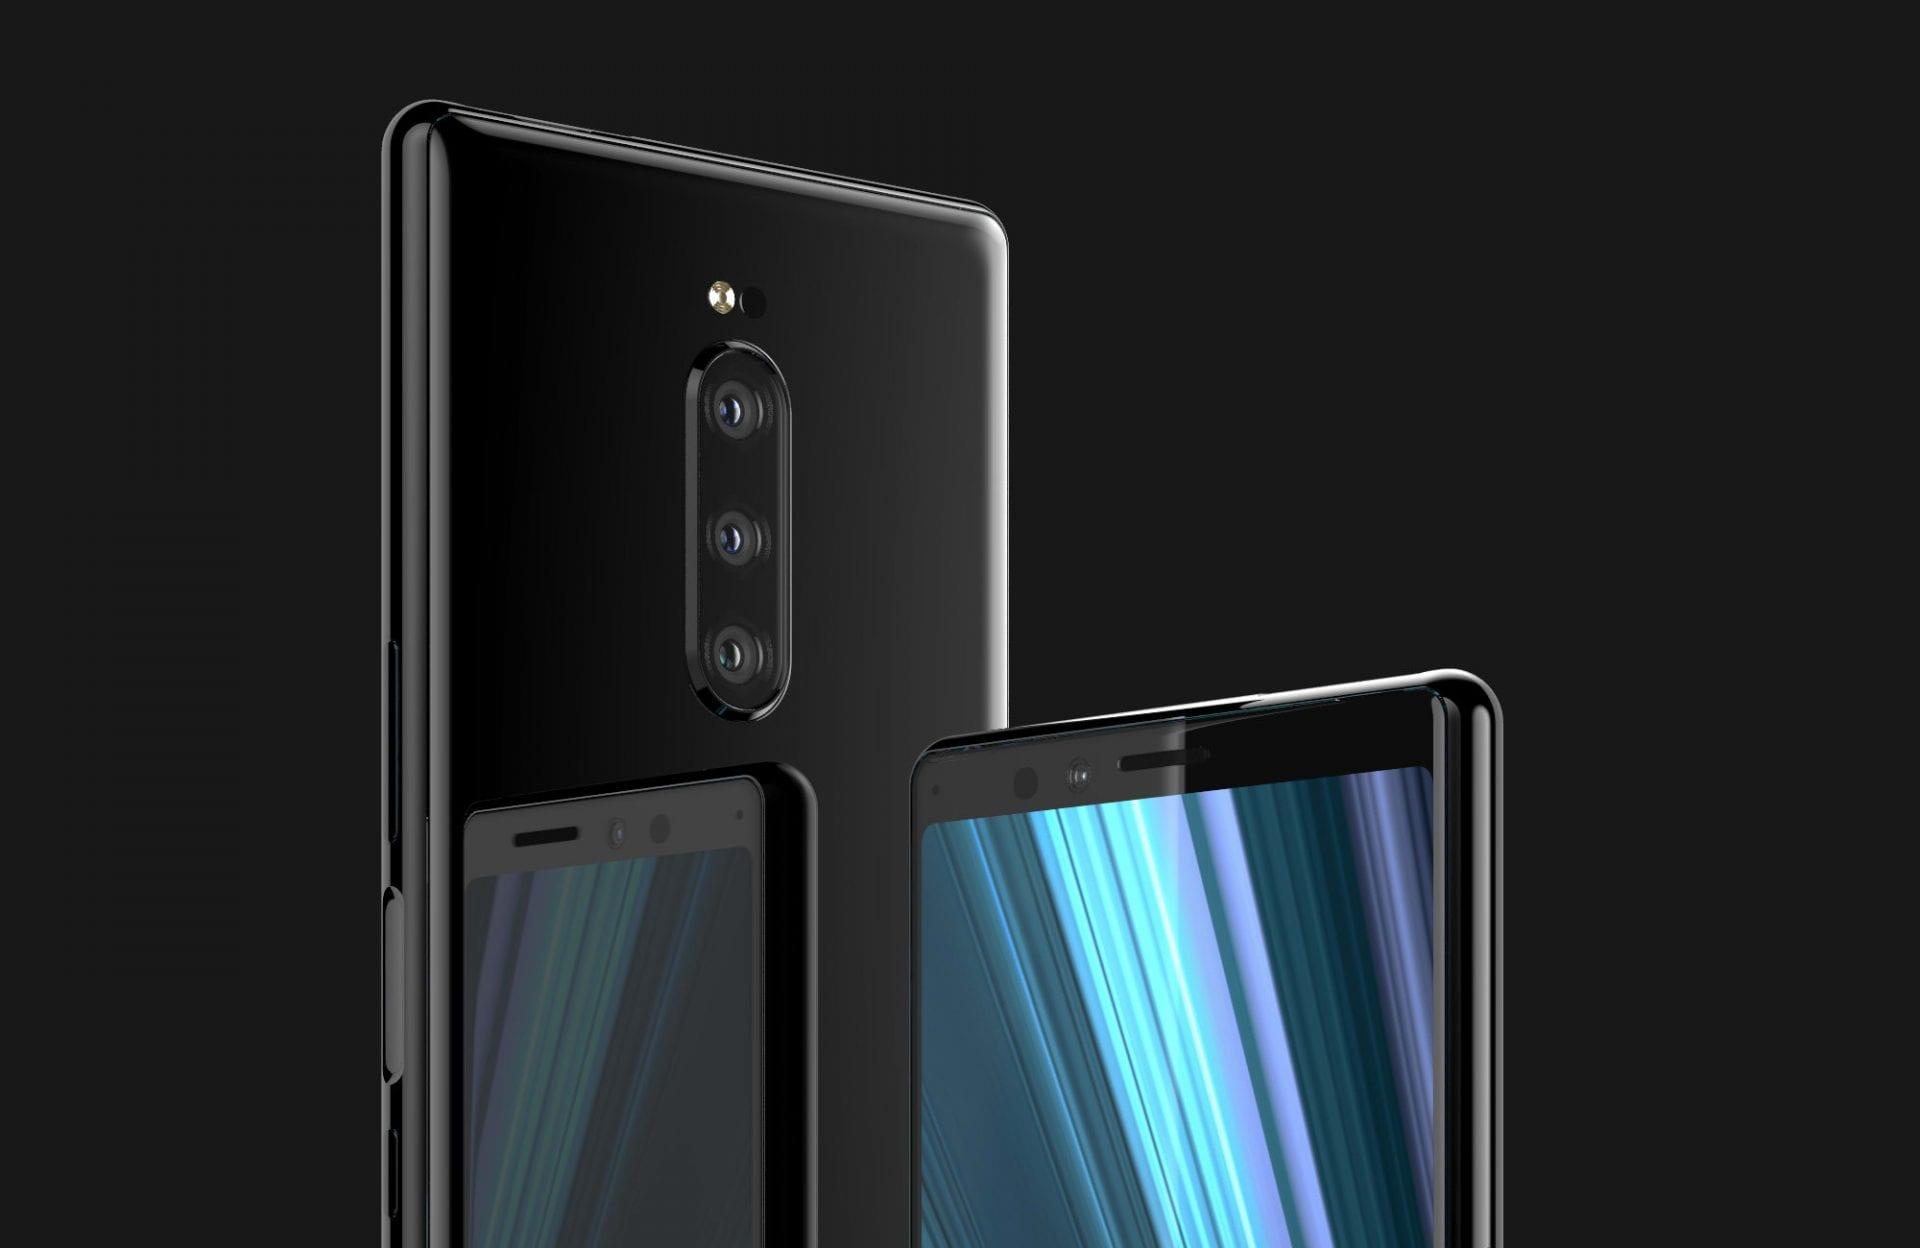 Sony Xperia XZ4 avrà 3 fotocamere: ecco i primi render